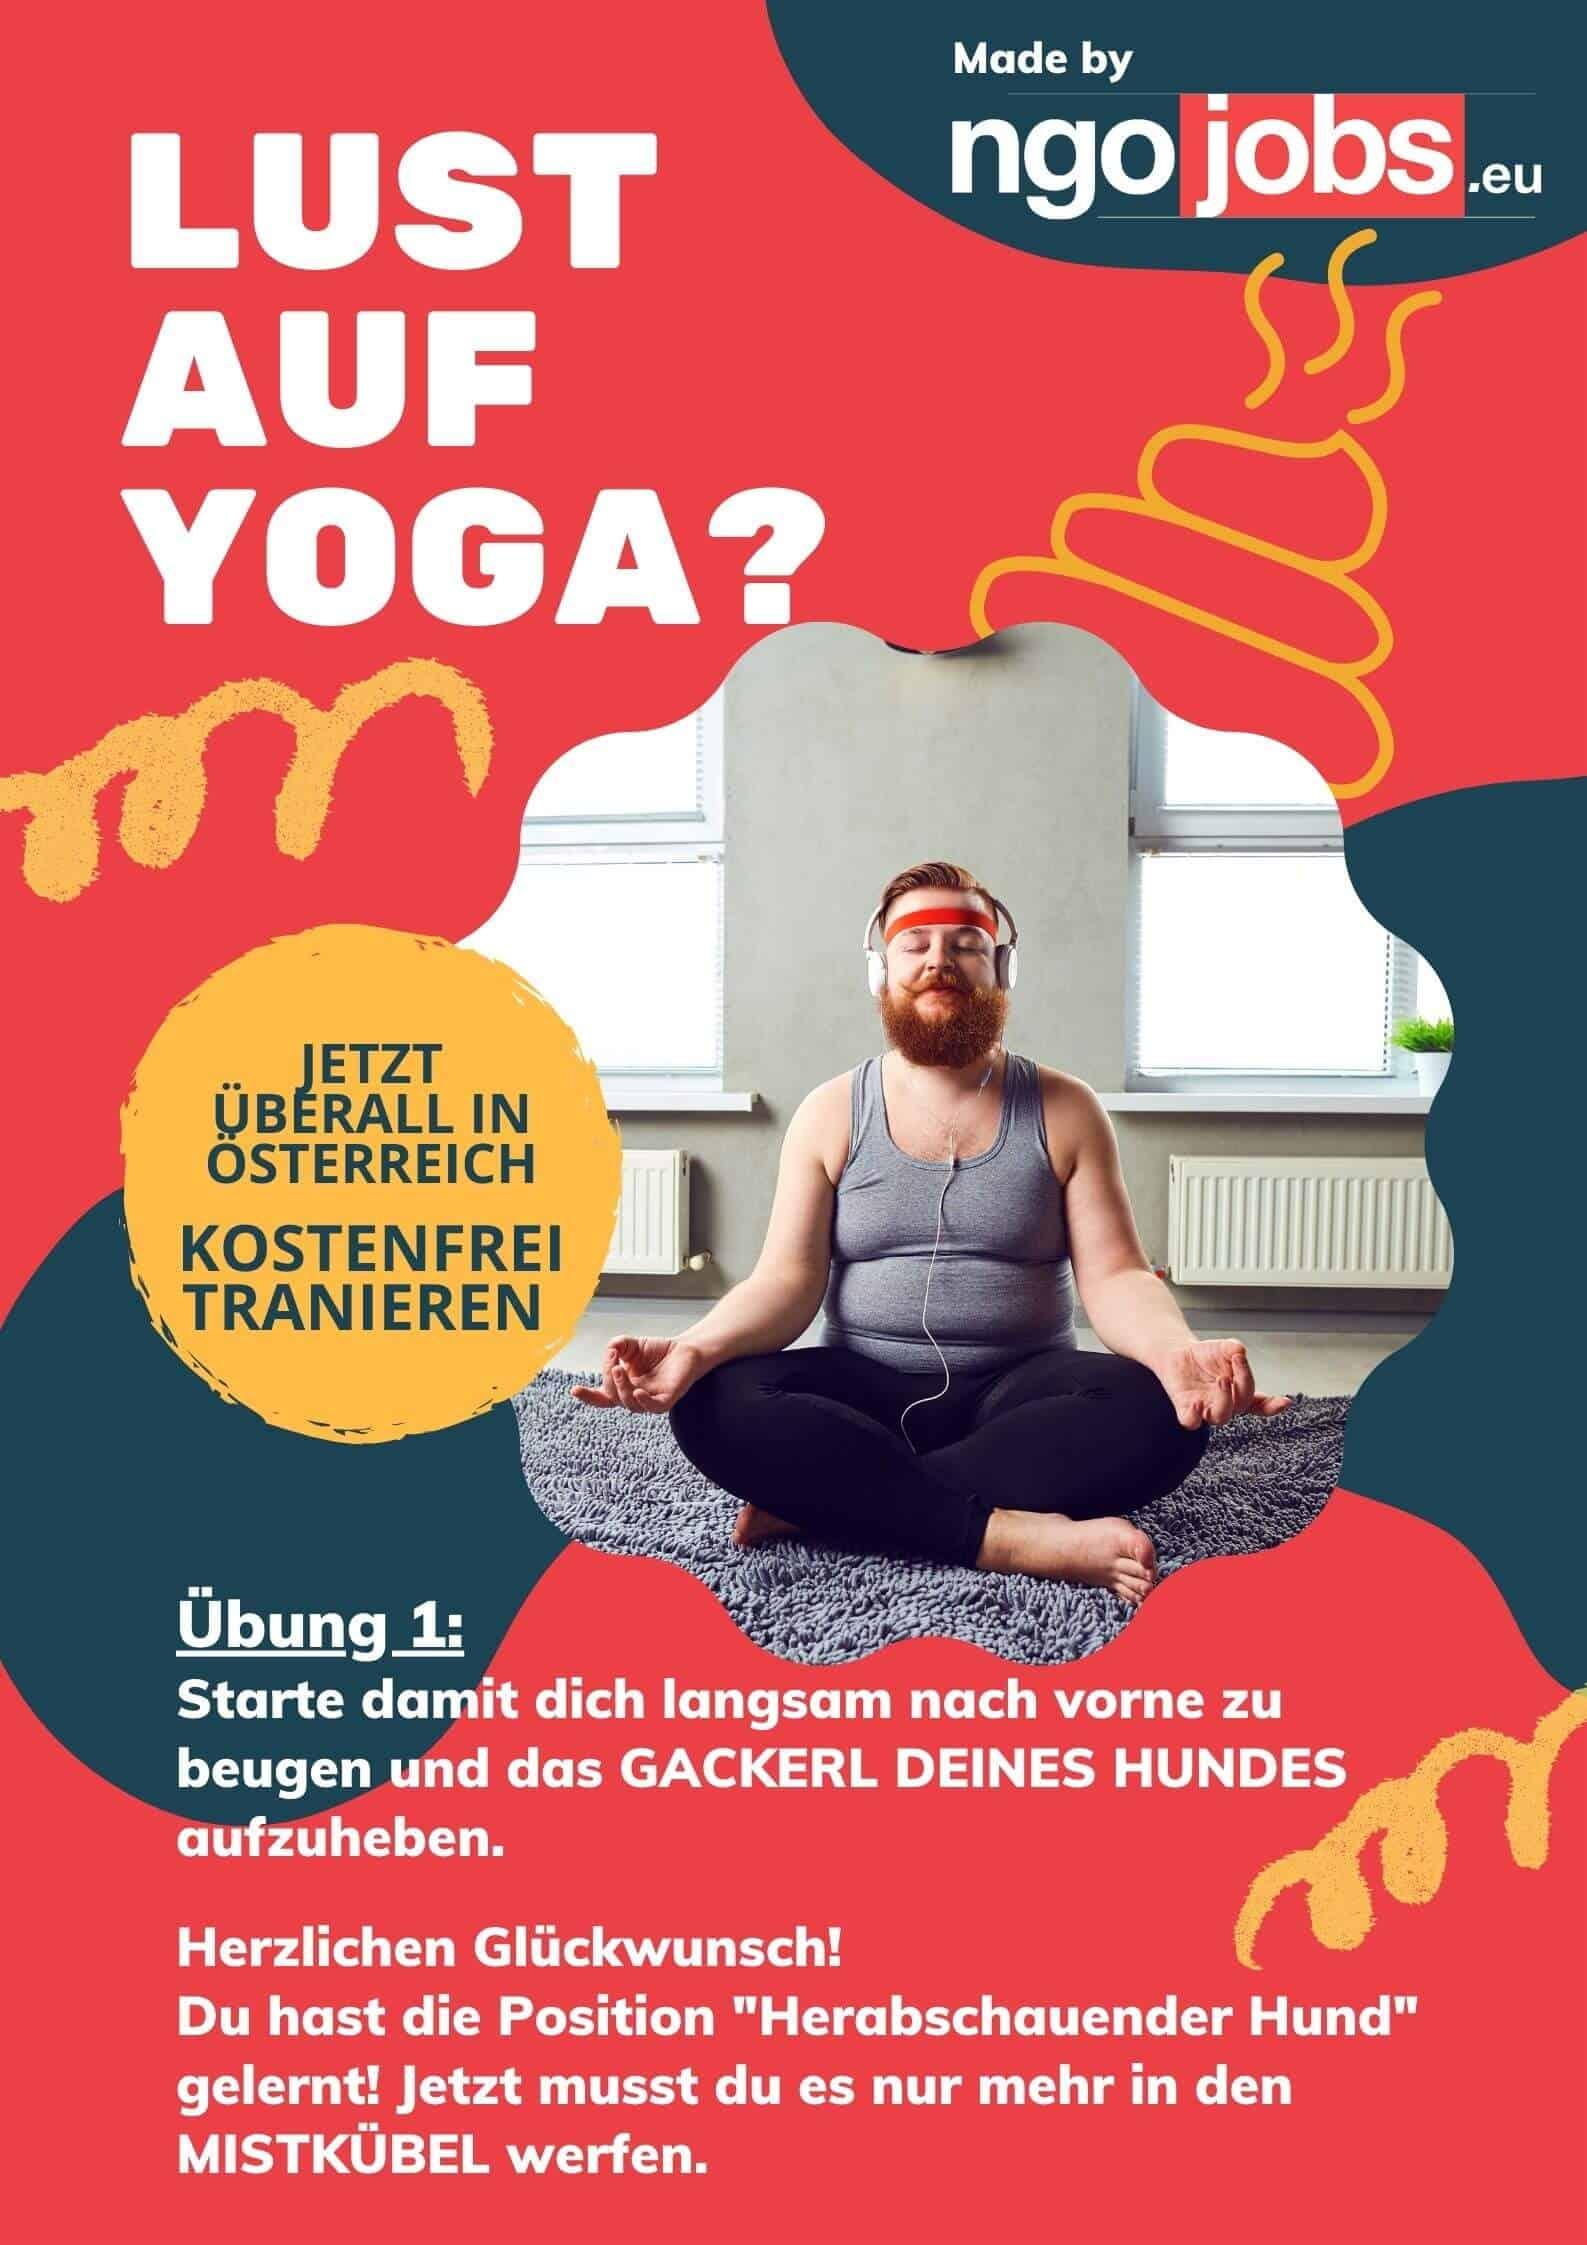 Lust auf Yoga 4 1